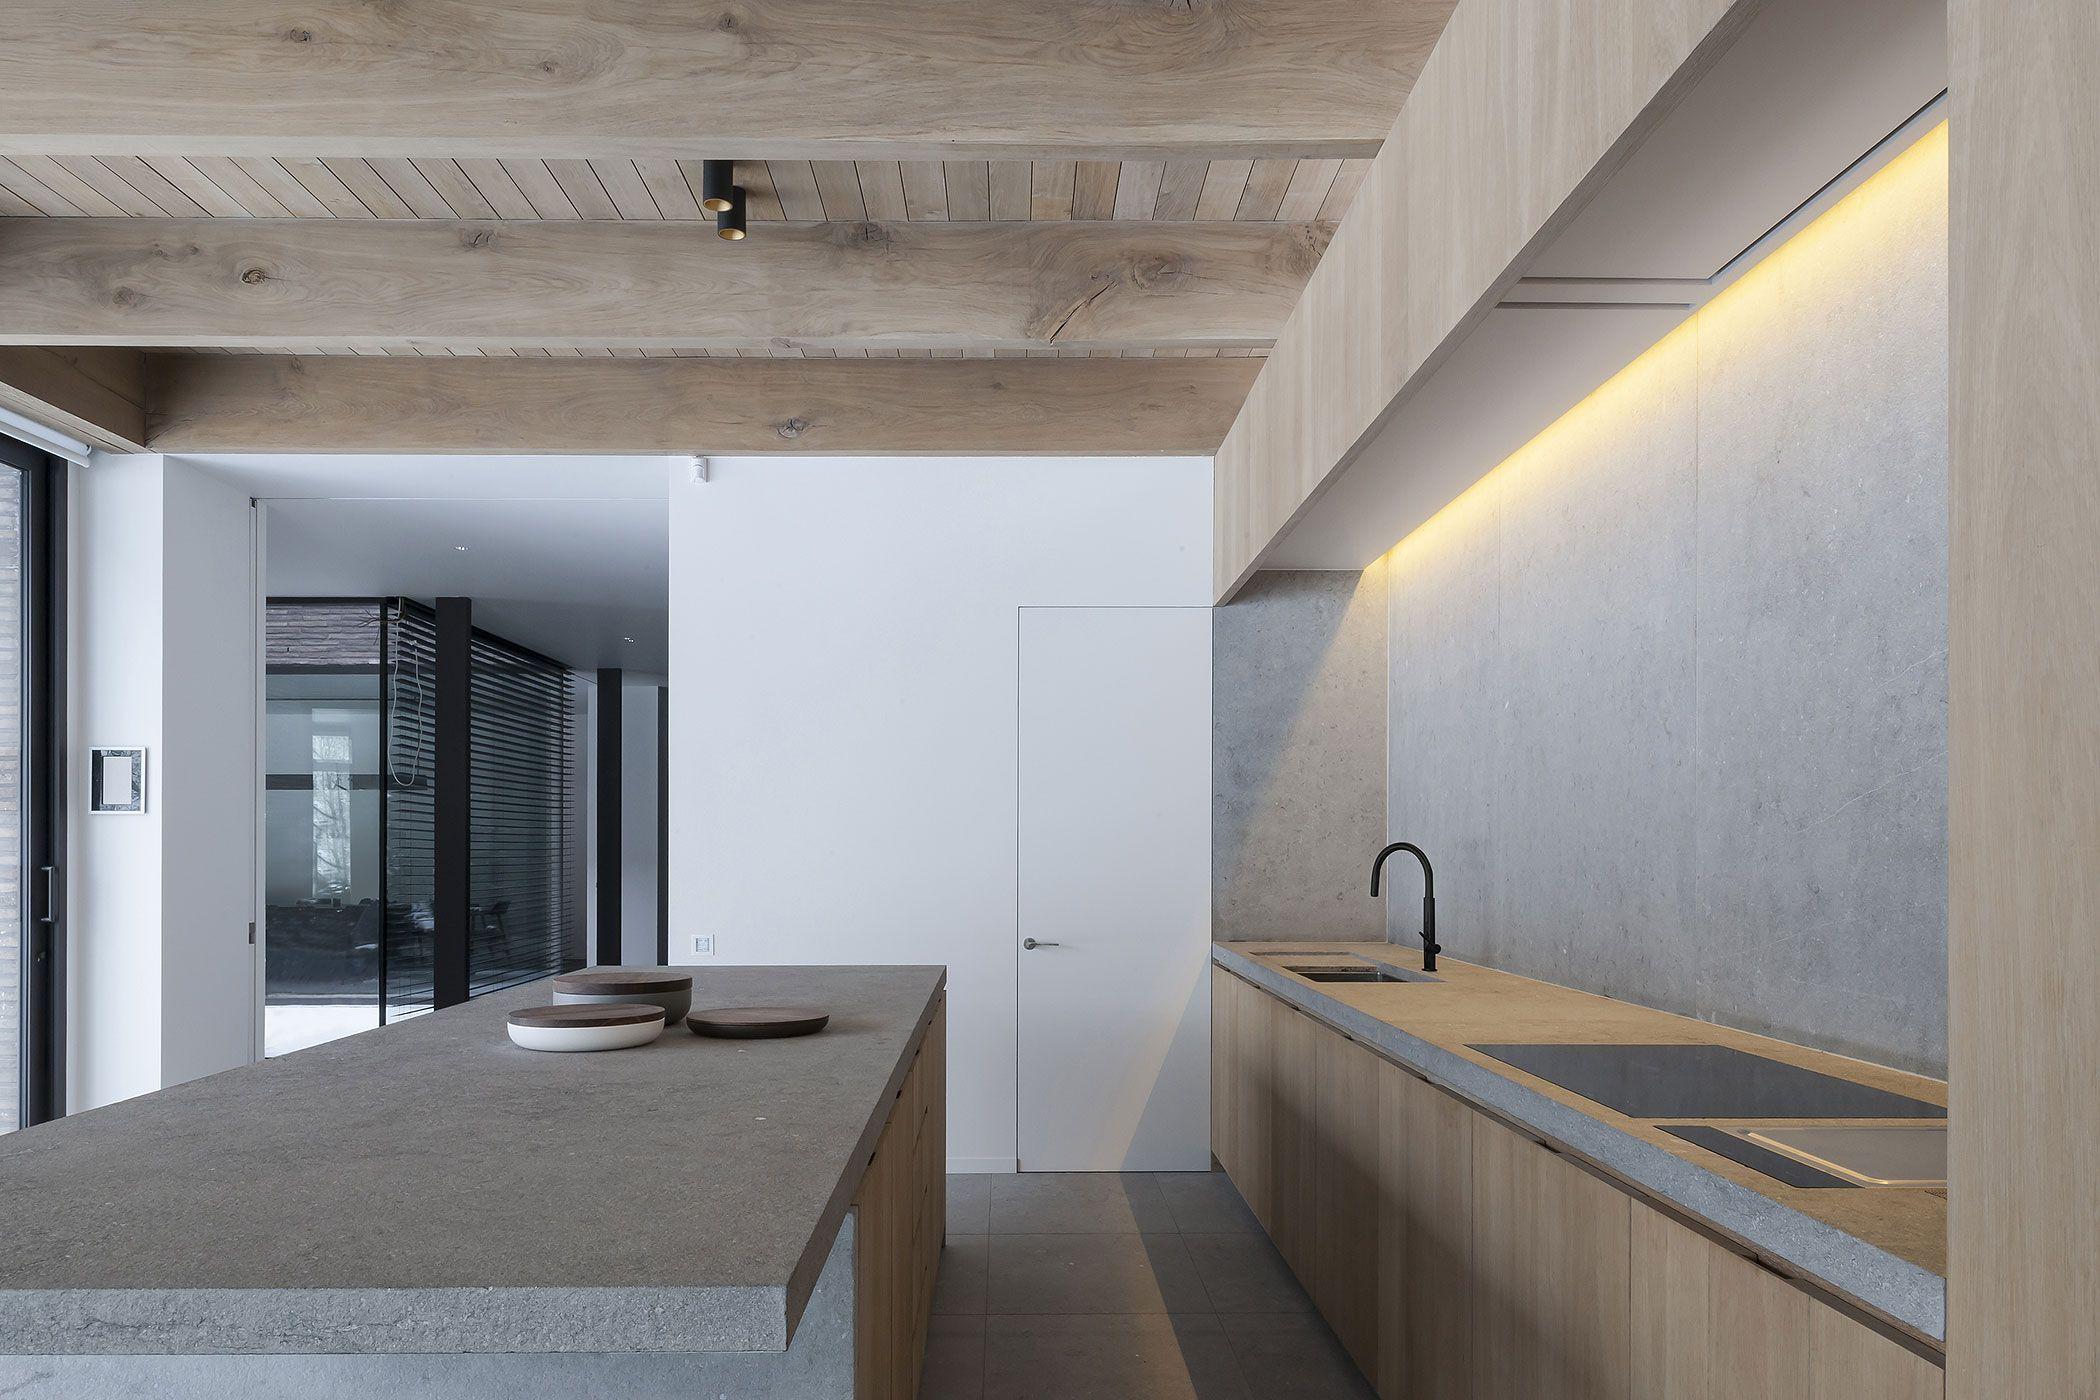 ontwerp vincent van duysen architects uitvoering